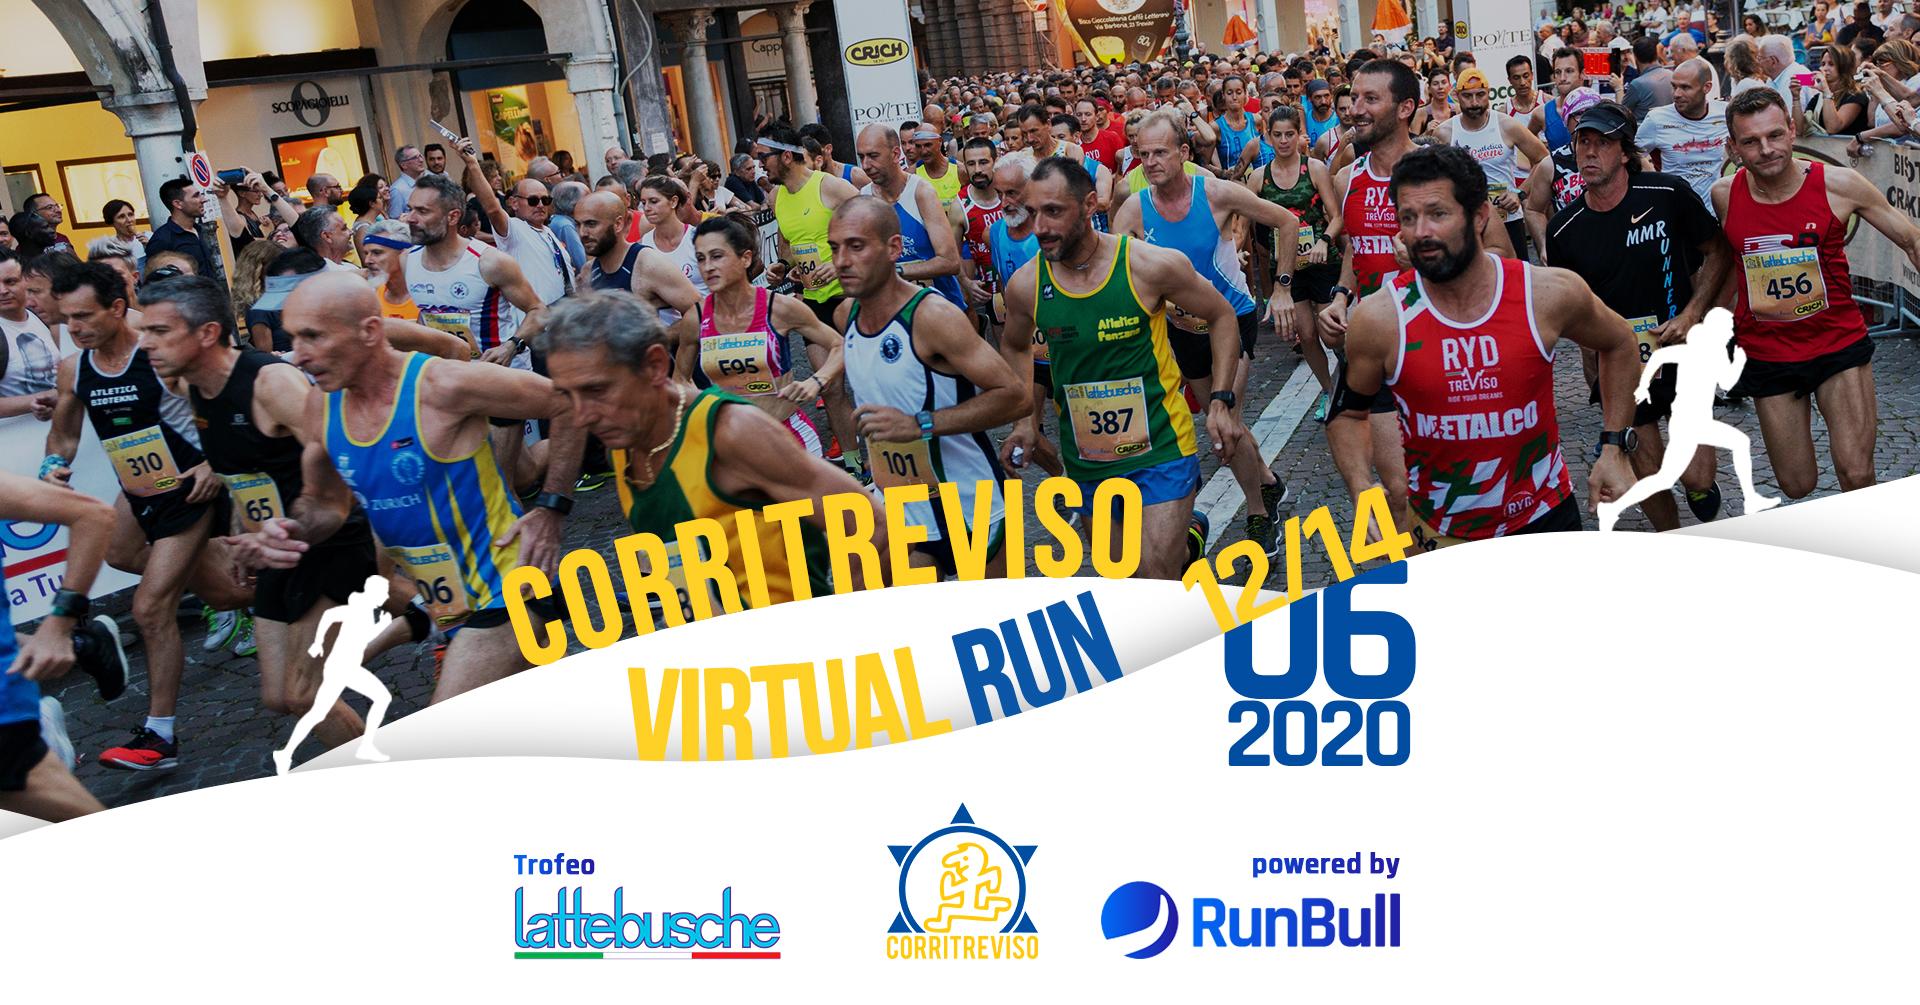 CorriTreviso Virtual Run